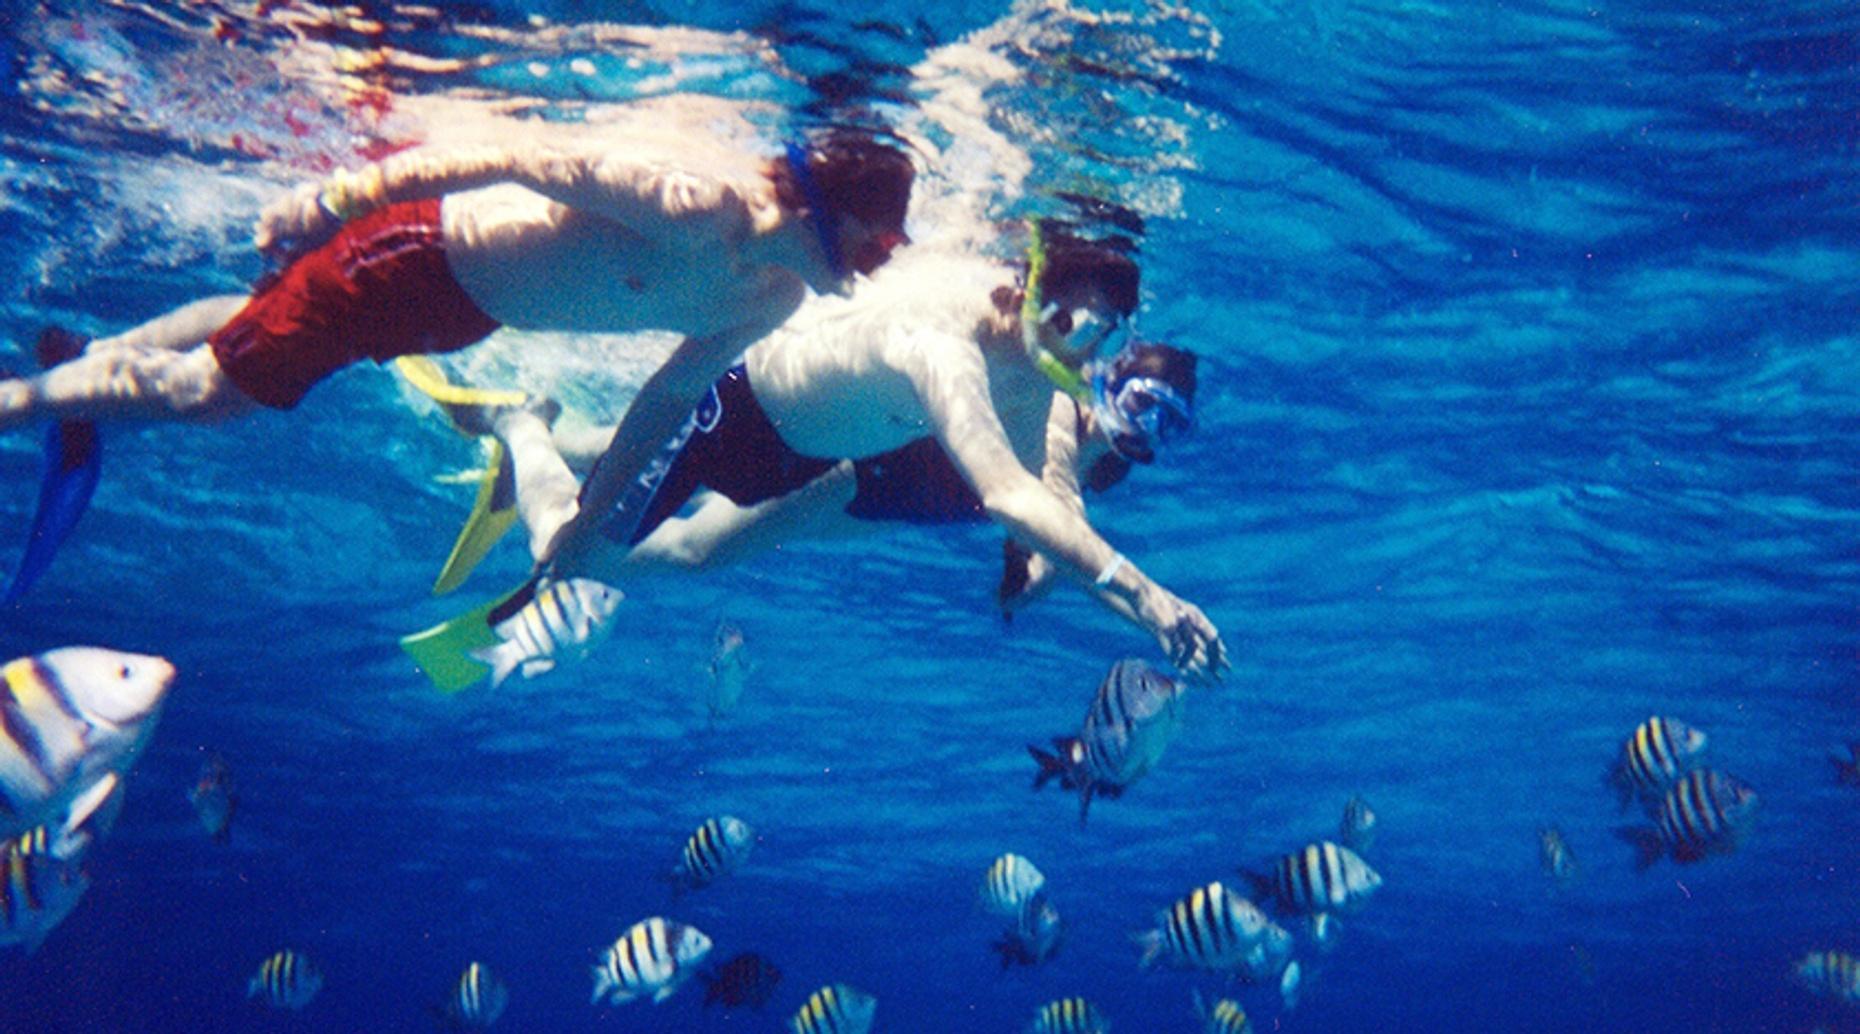 Yelapa Snorkeling Tour & Waterfall Visit